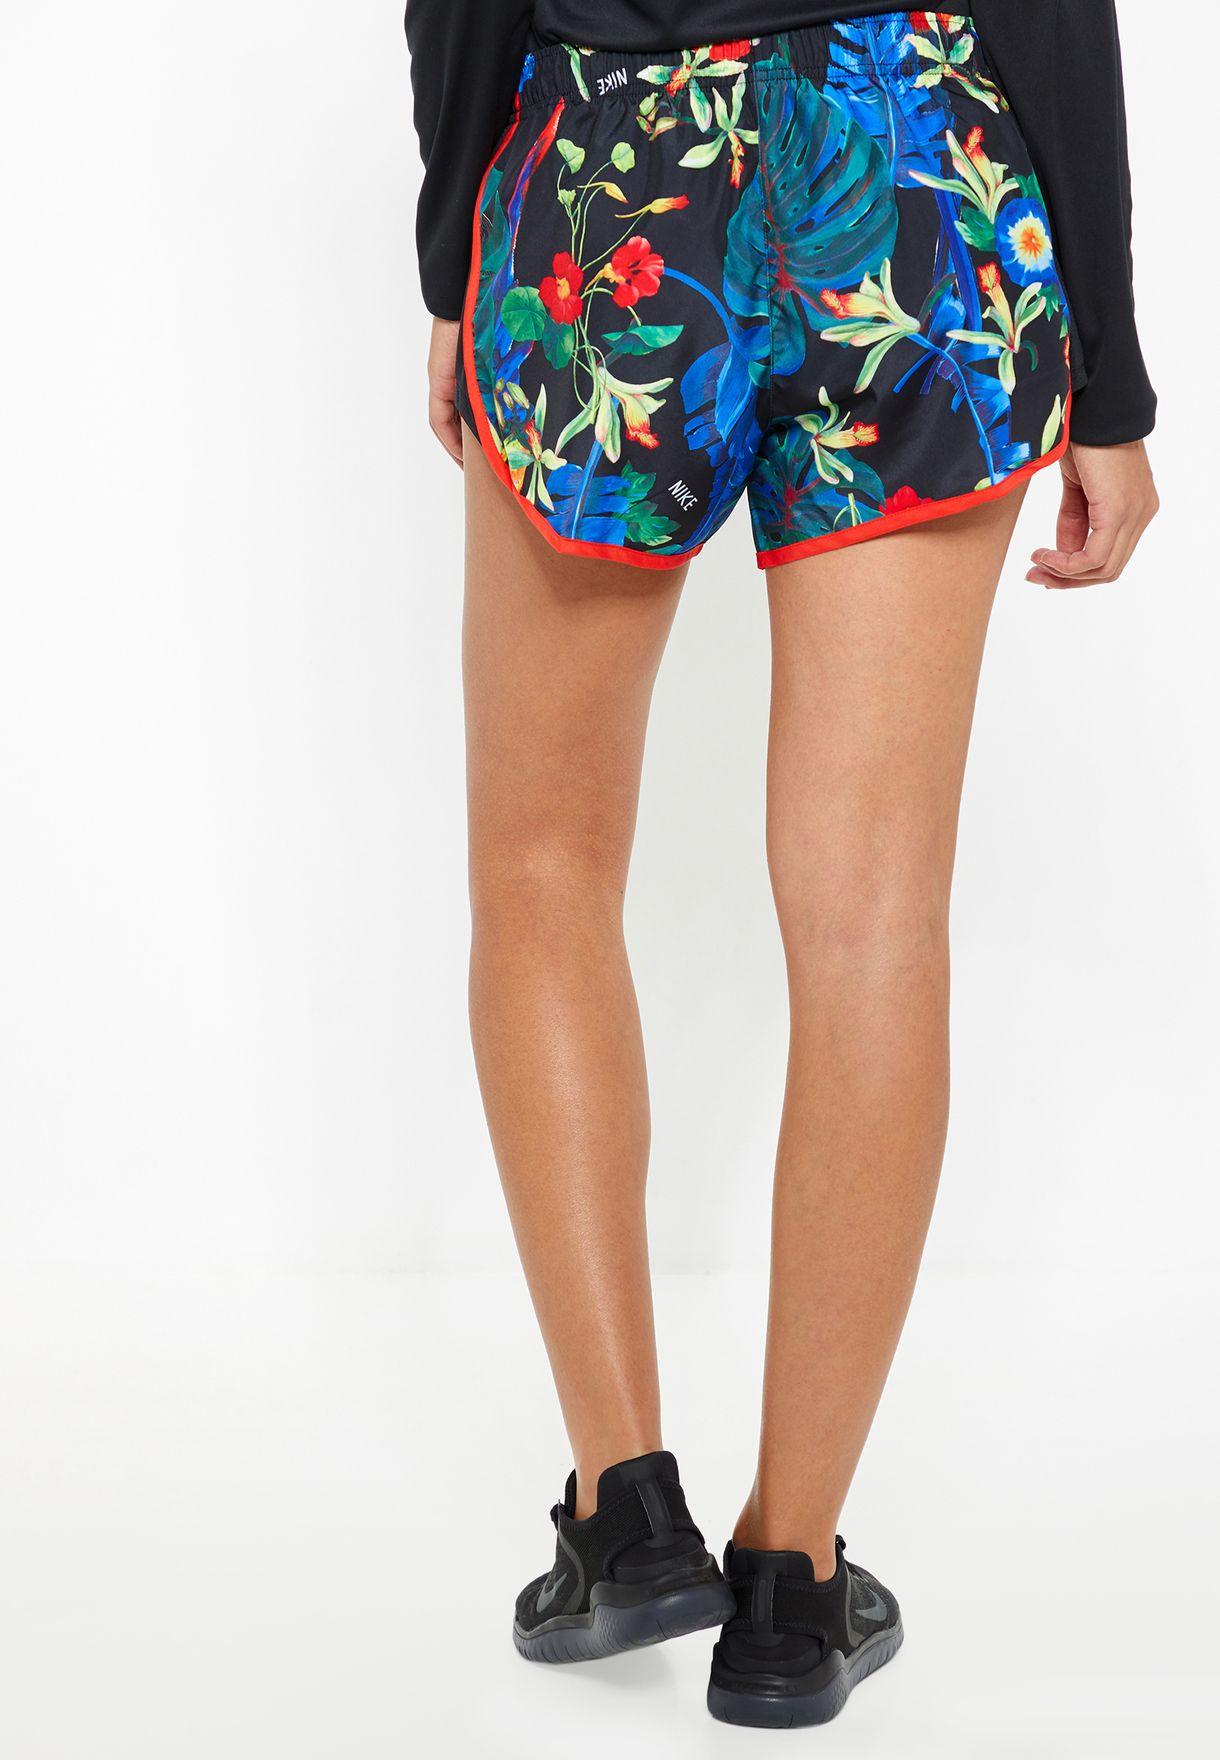 a894c8a9ac975 Shop Nike black Hyper Femme Tempo Shorts AR0544-010 for Women in UAE ...